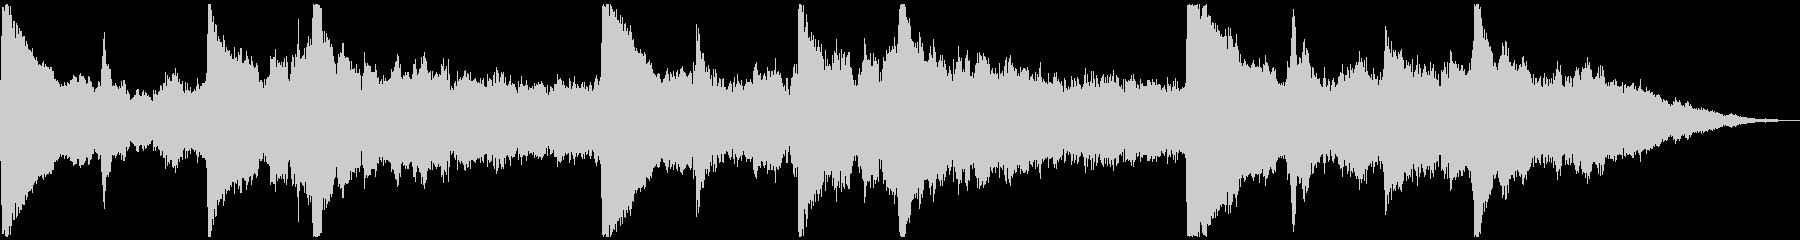 5秒CM用、サウンドロゴverEの未再生の波形